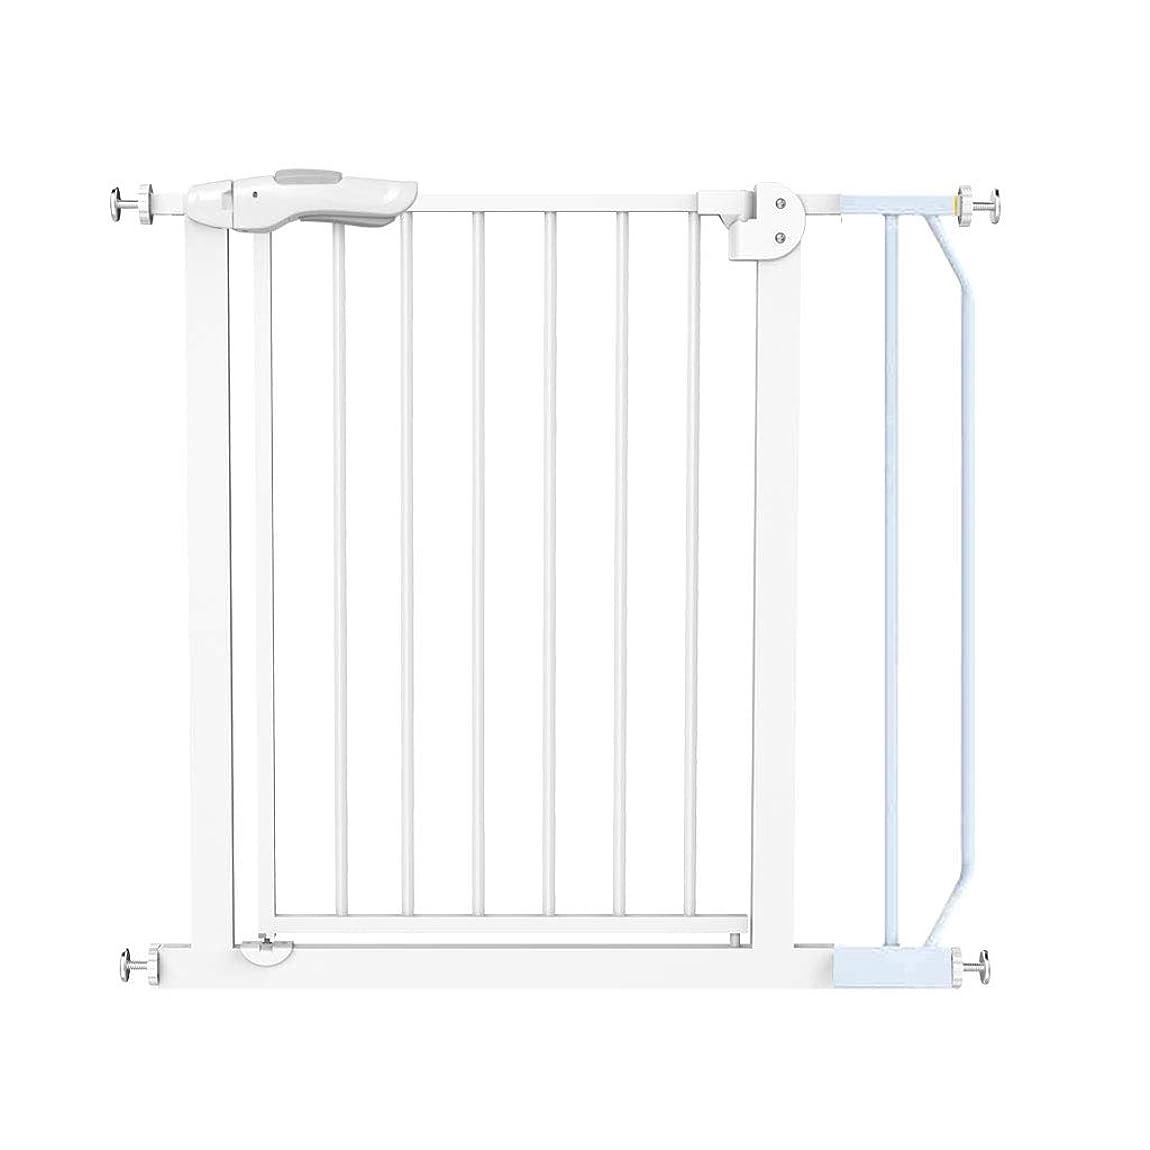 感情の可塑性立法QIQIDEDAIN 安全ゲート階段フェンス子供安全ゲートフェンスフェンス子供安全フェンス犬ドア柵安全防護階段 (Size : 85-94cm)